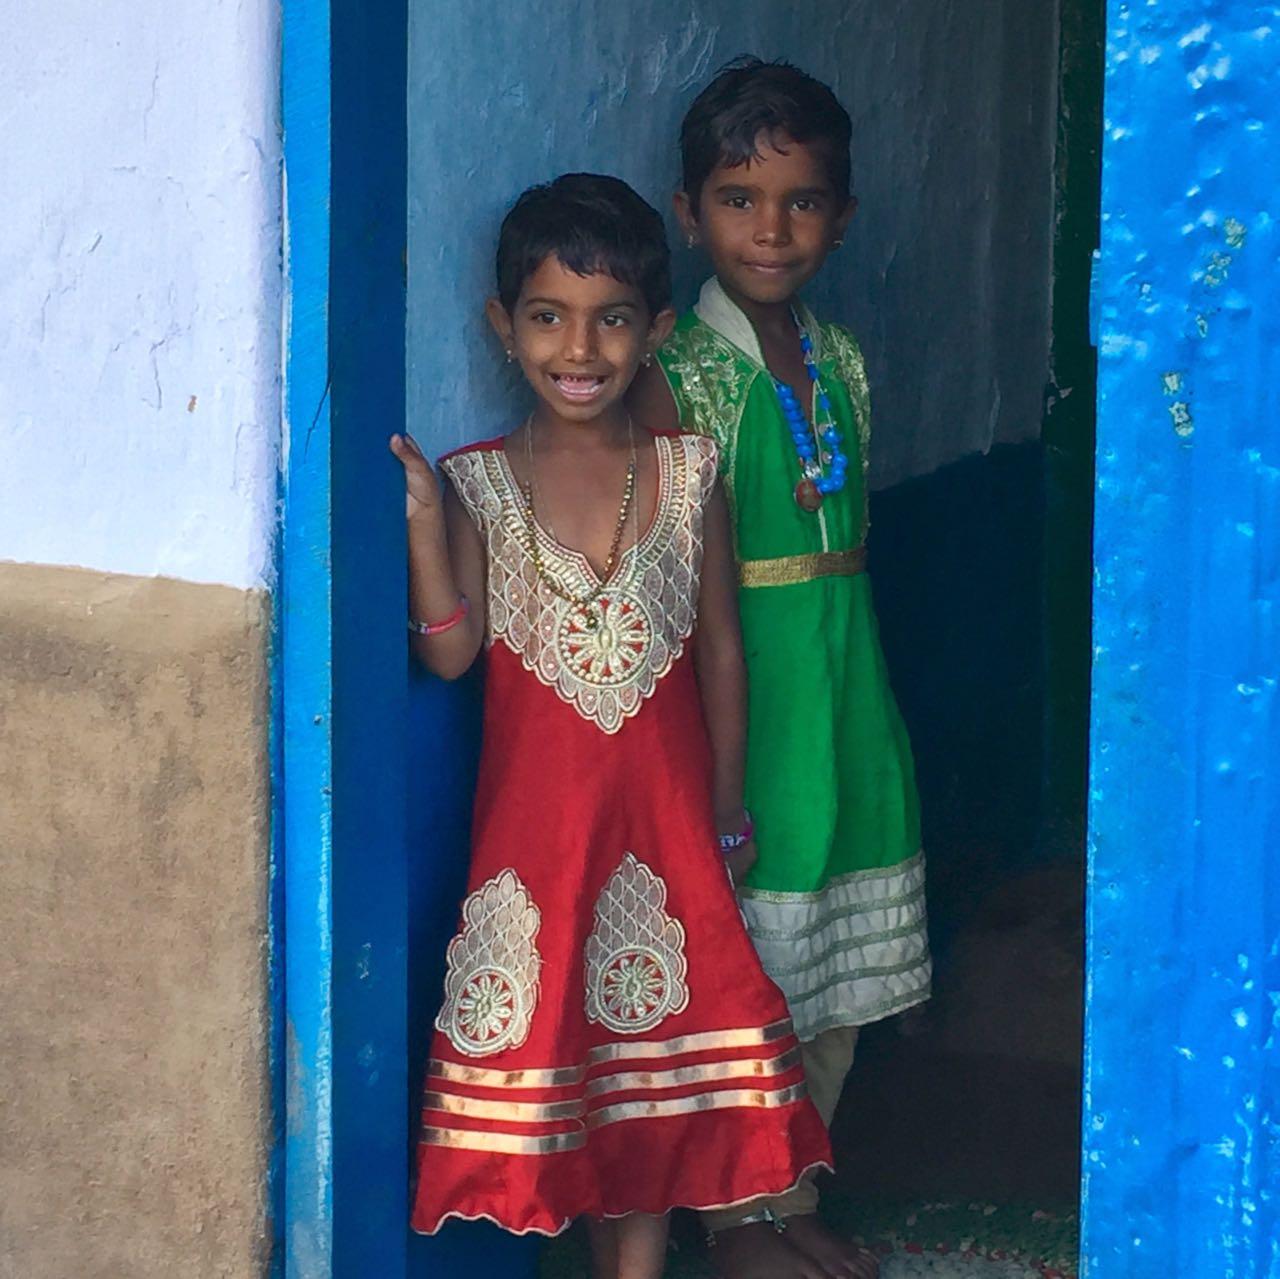 Two girls in the Doorway